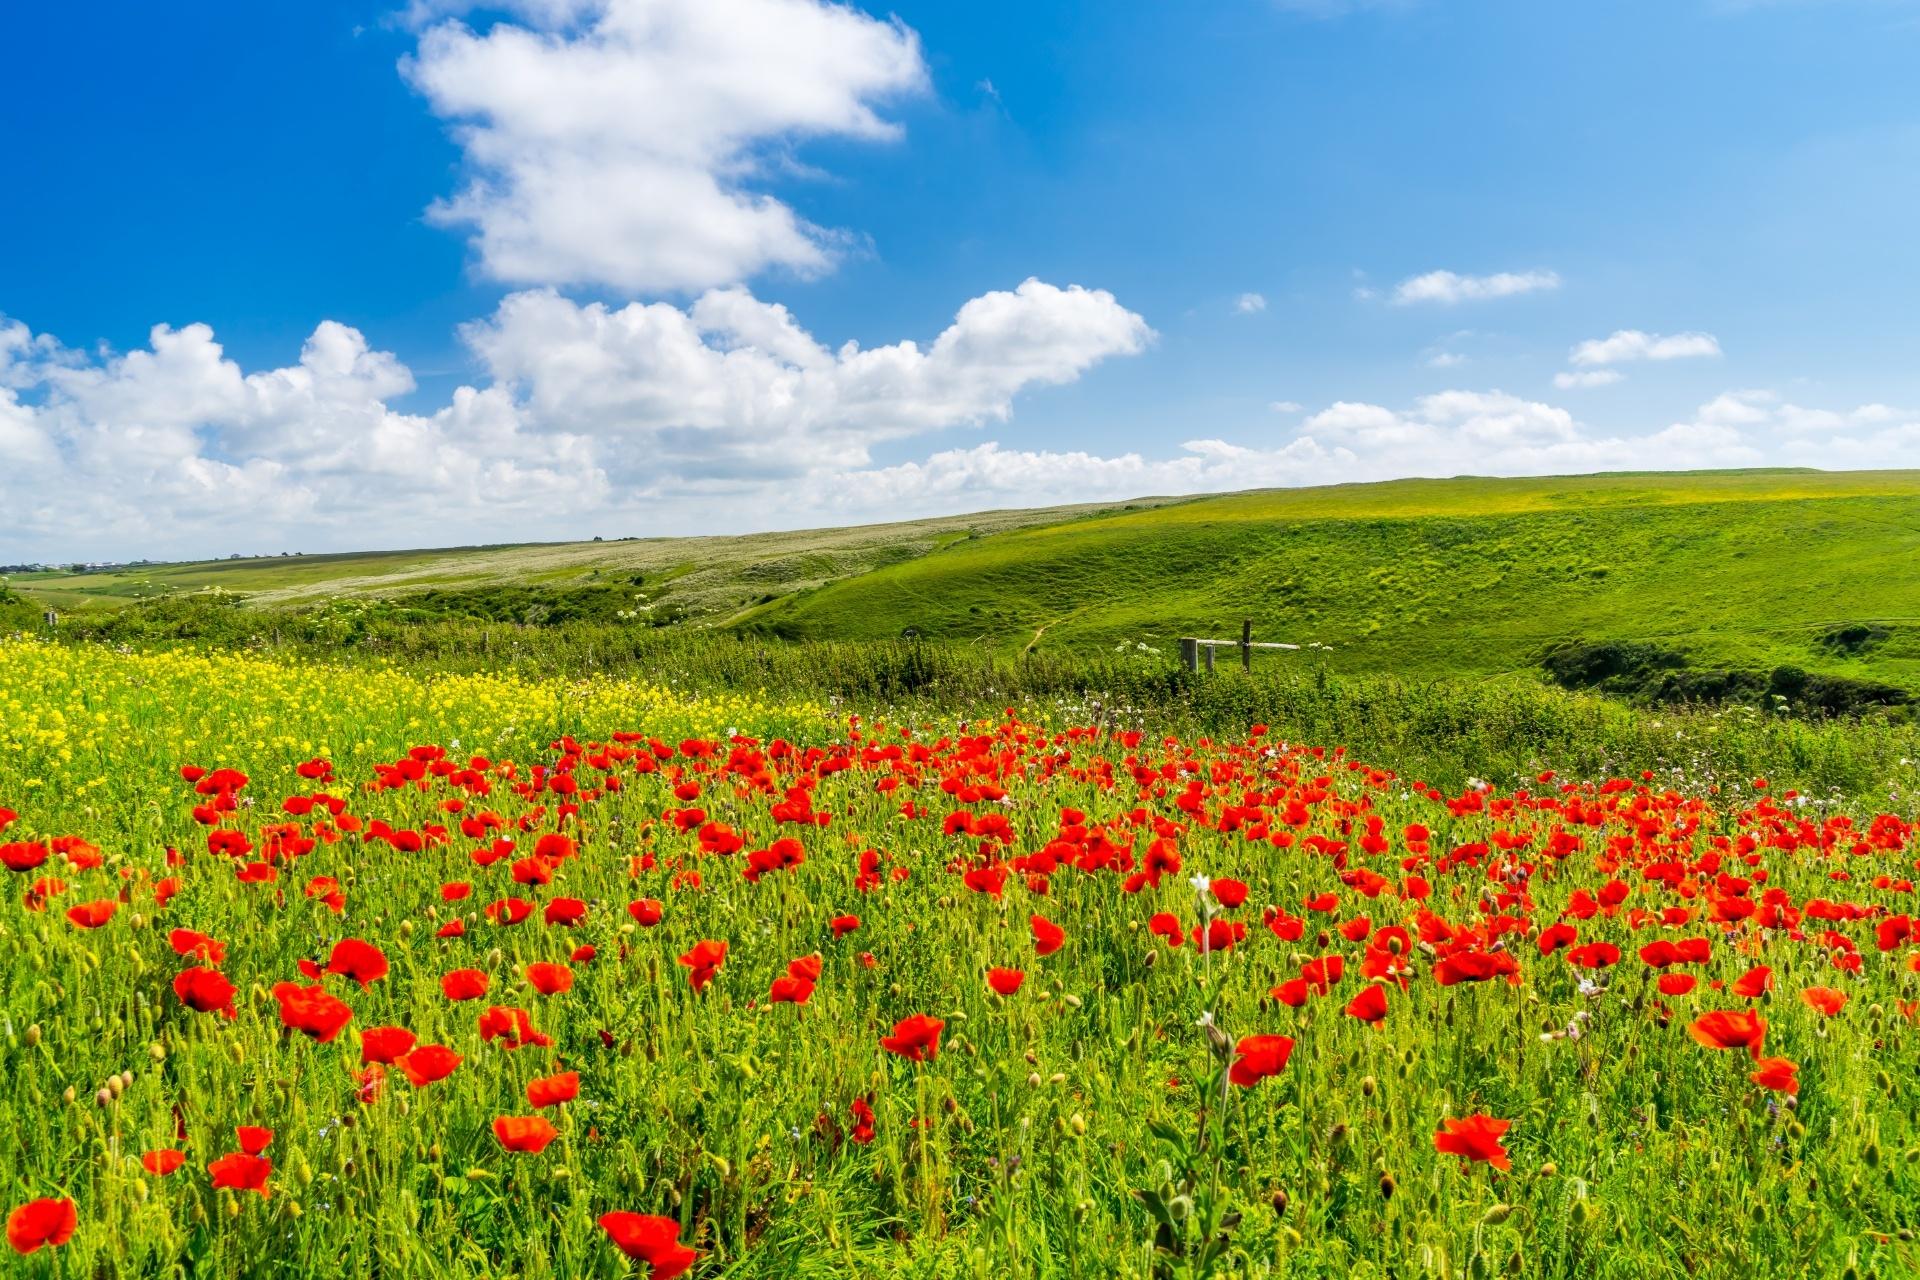 ポピーの咲く風景 イングランドの風景